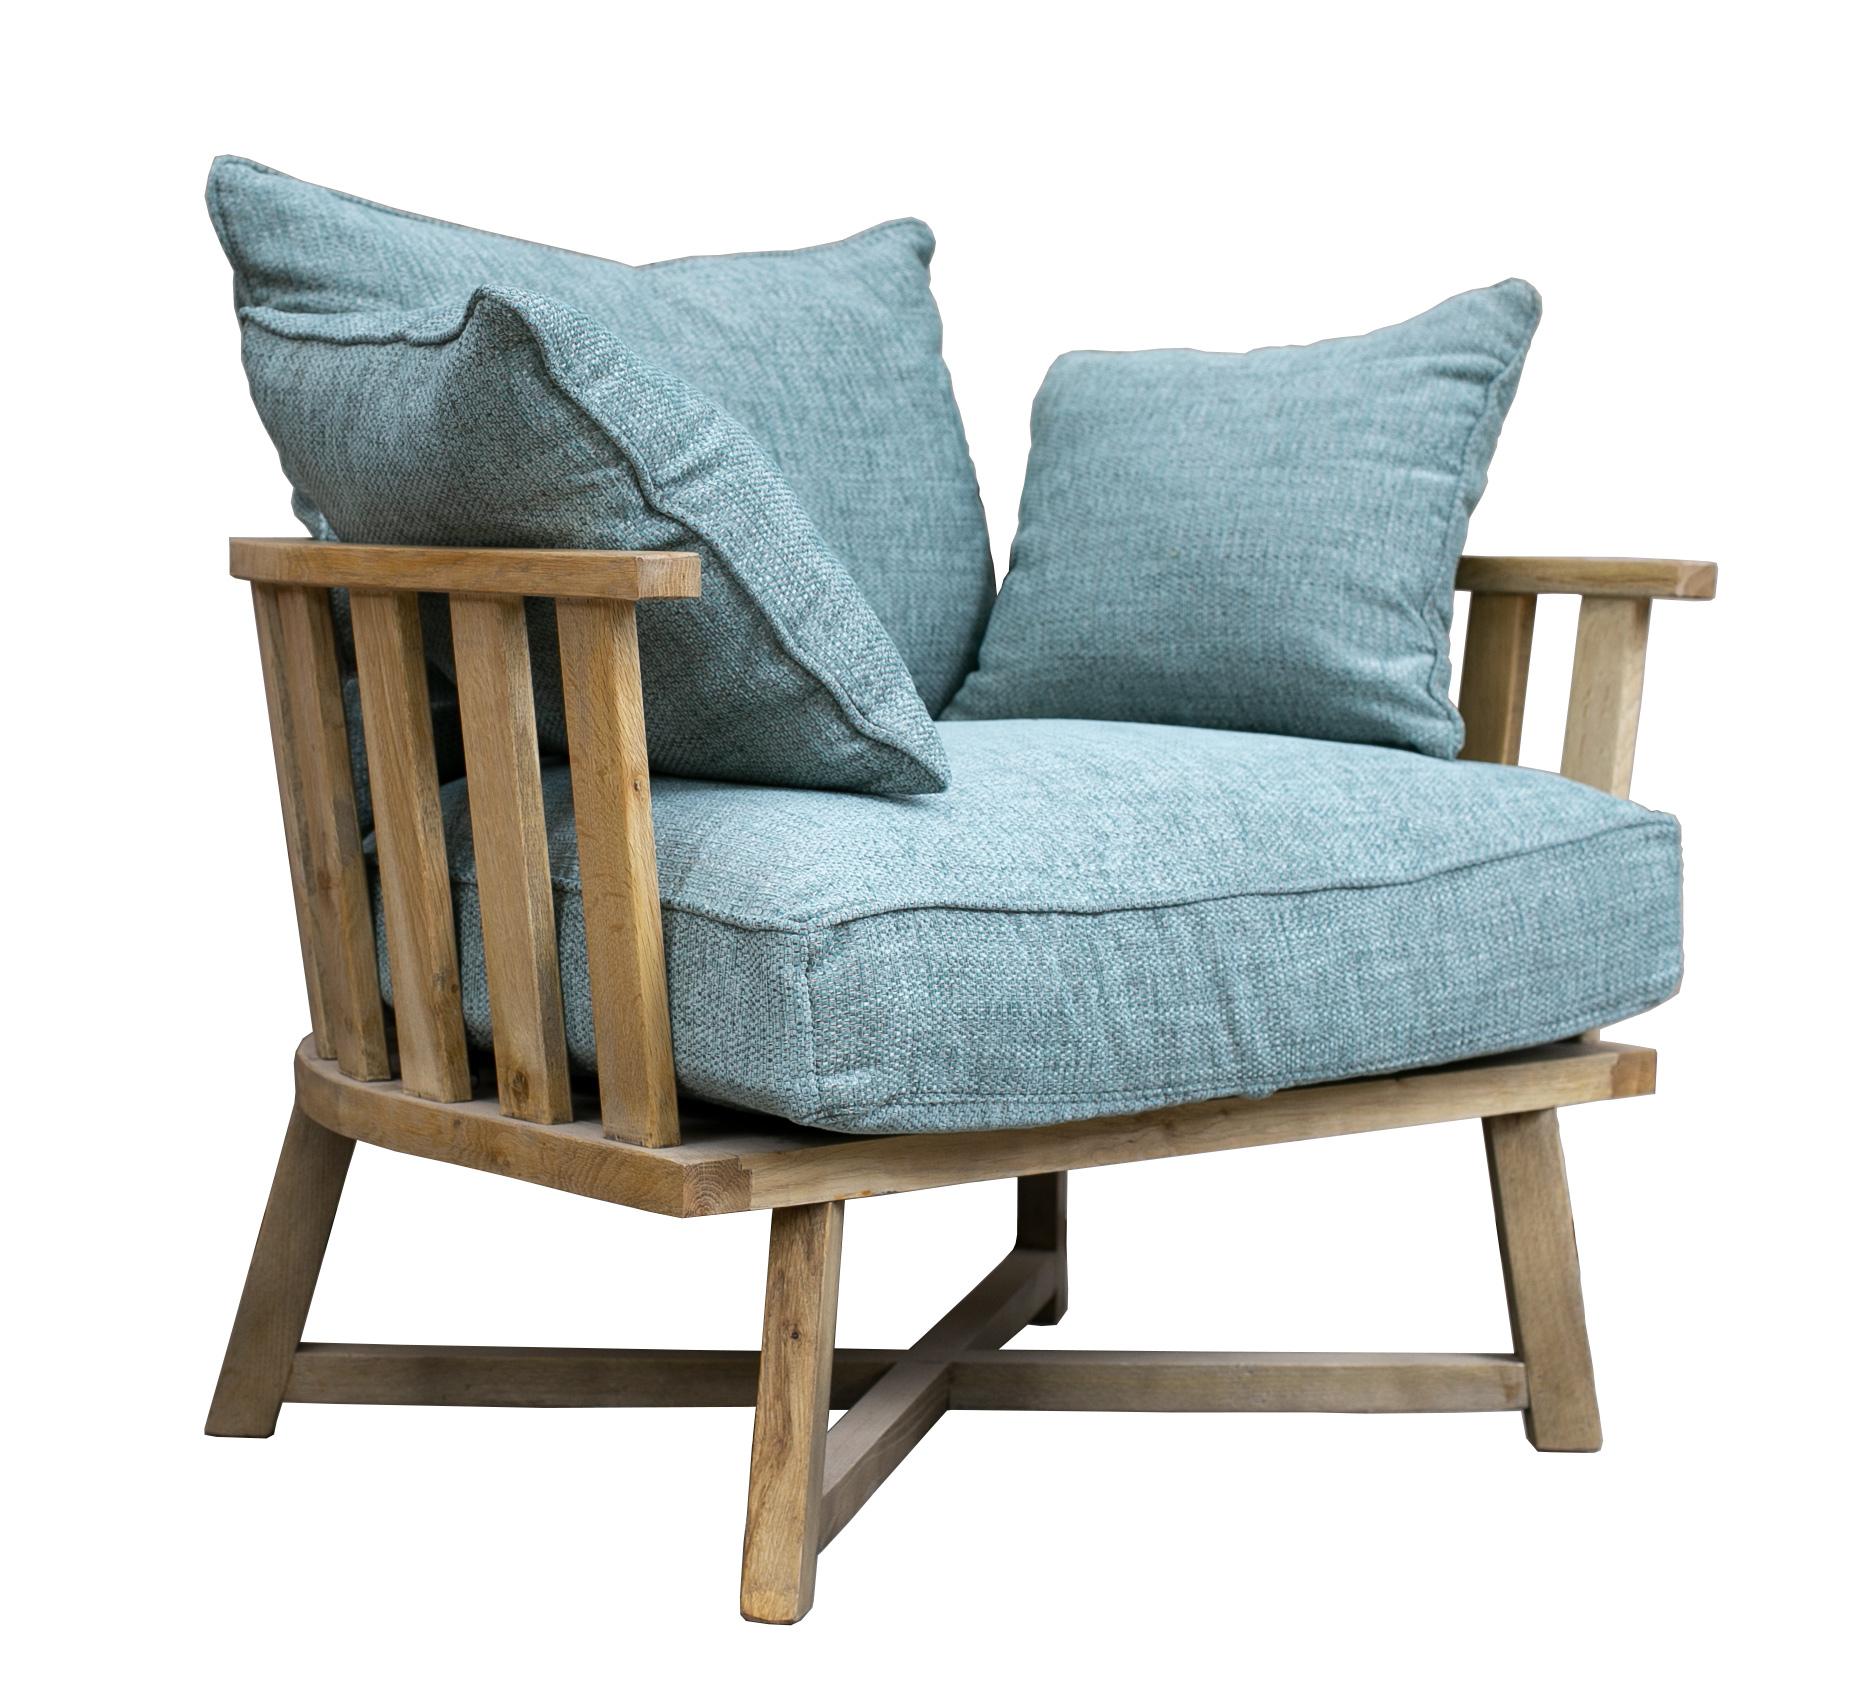 כורסא מעוצבת עץ מלא דגם ג'רי